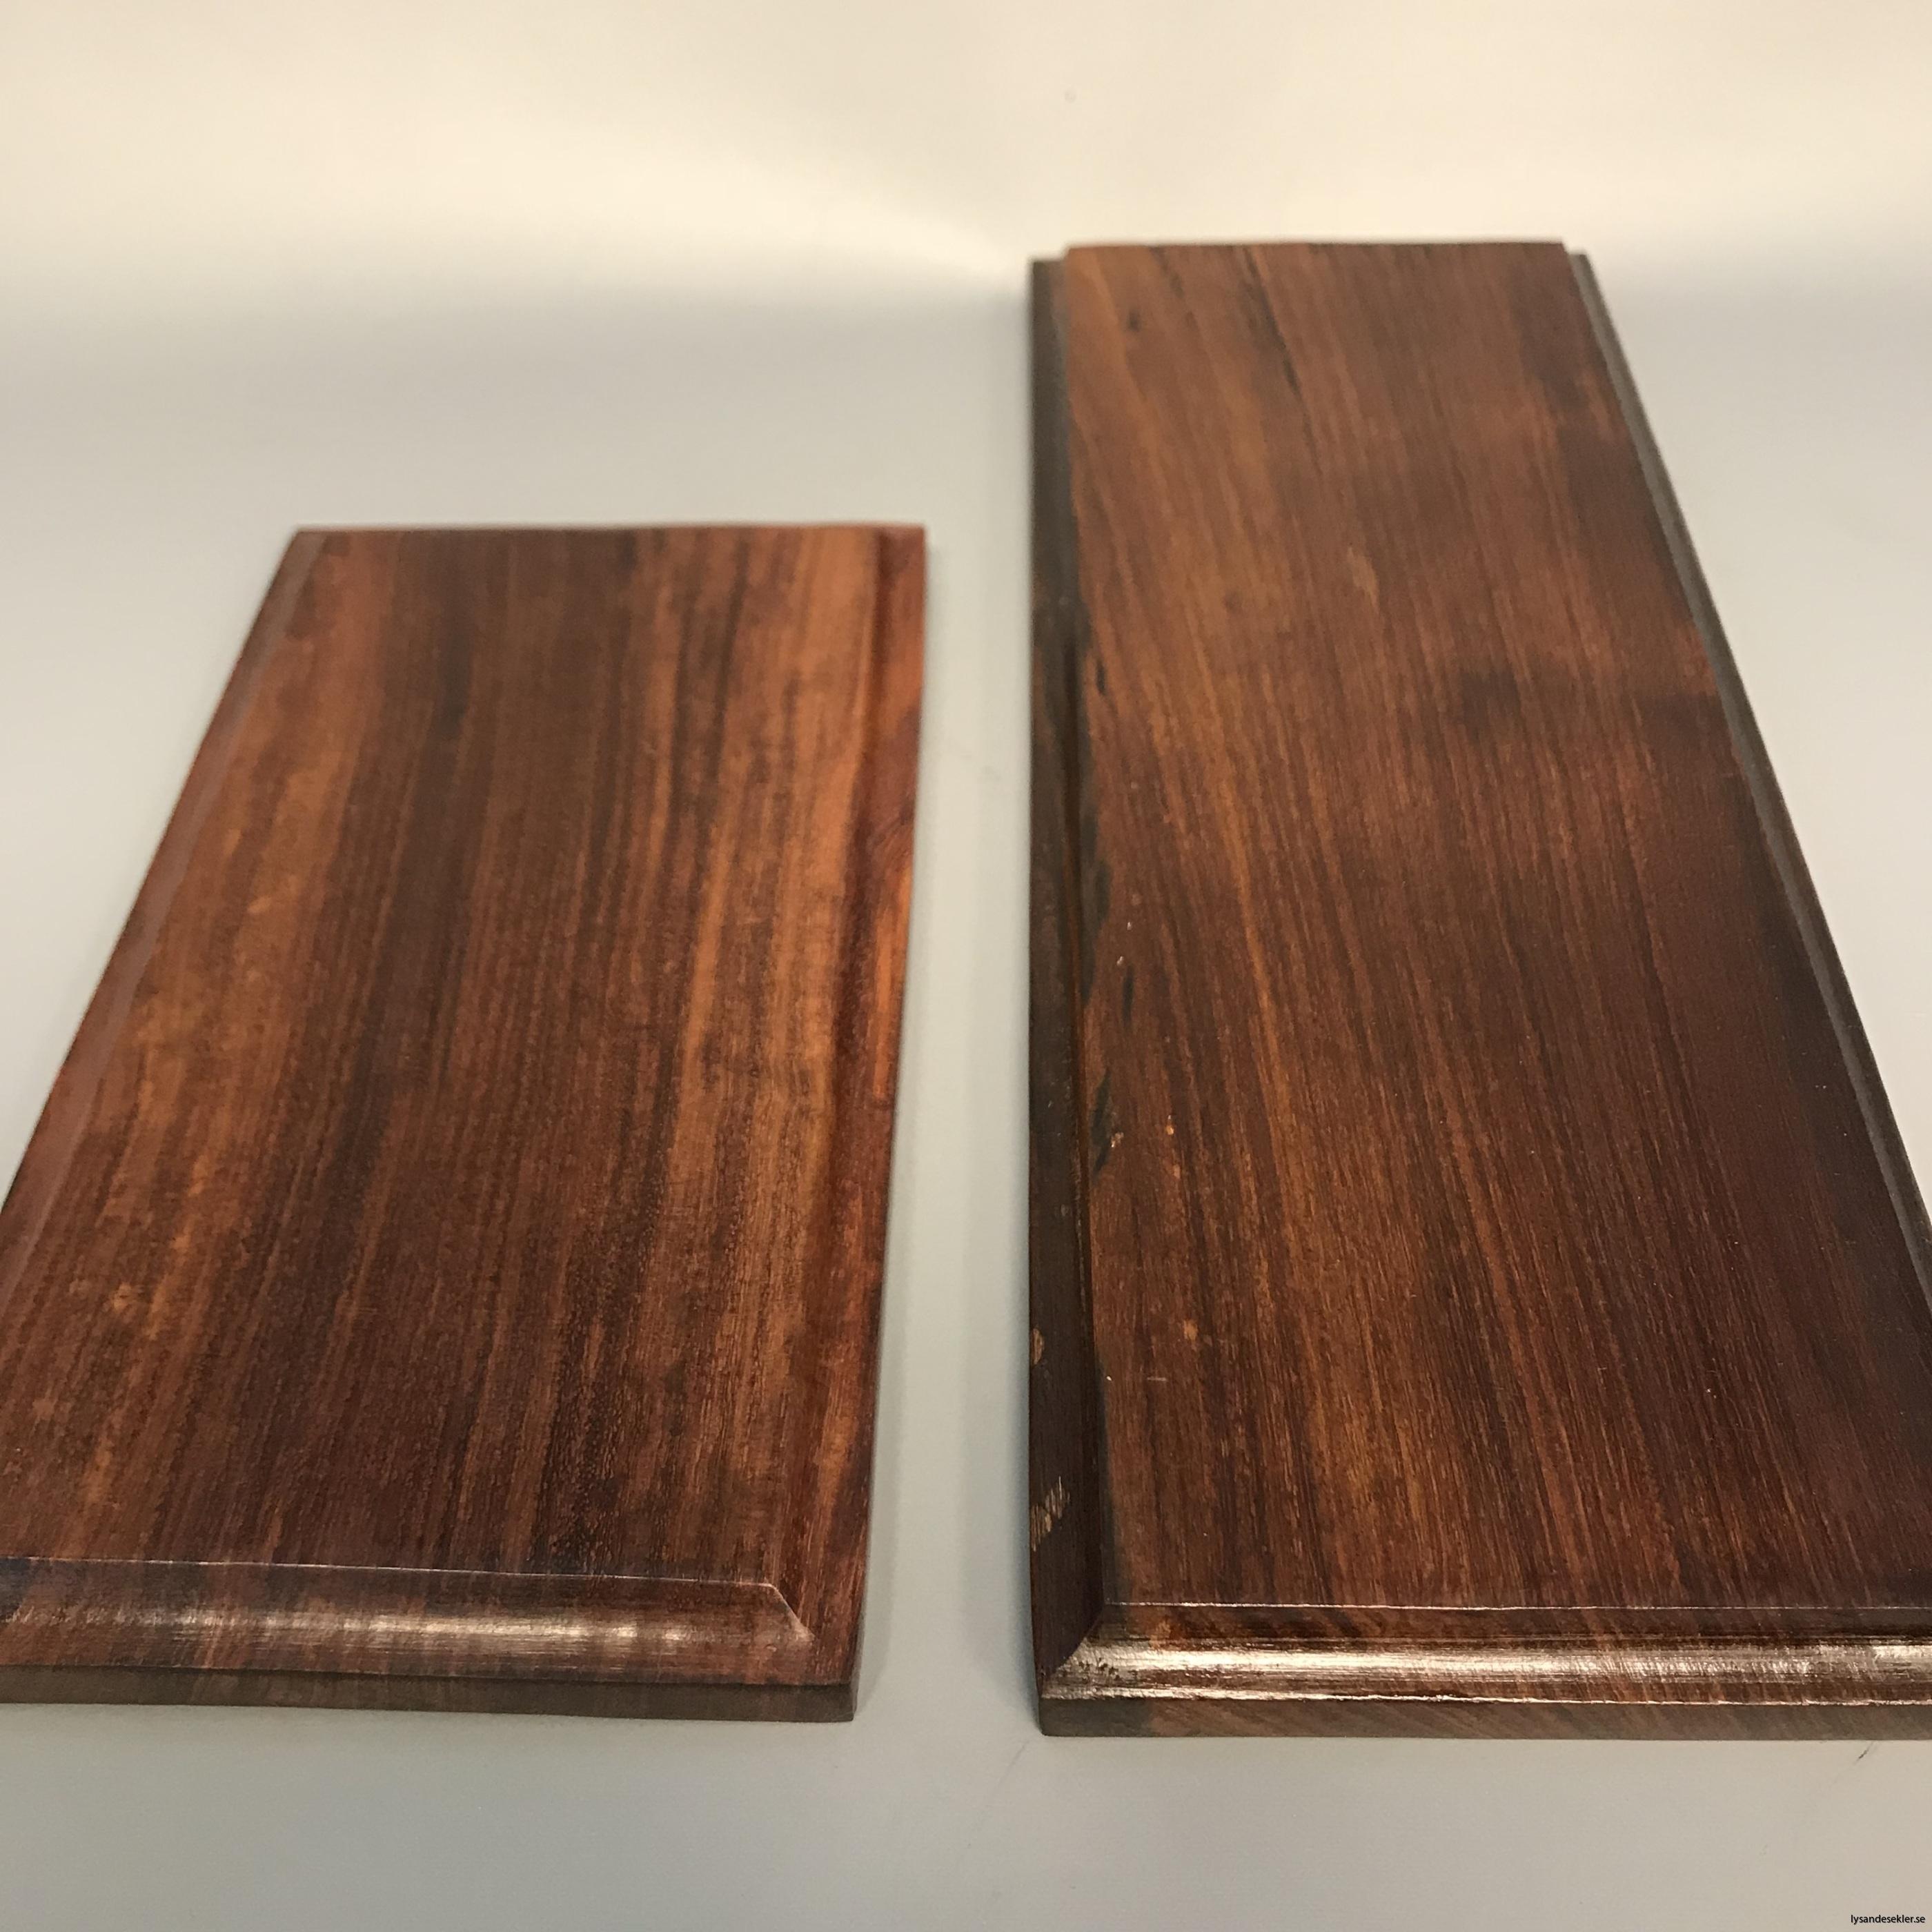 väggskylt skylt träskylt för montering av krokar skyltar 2